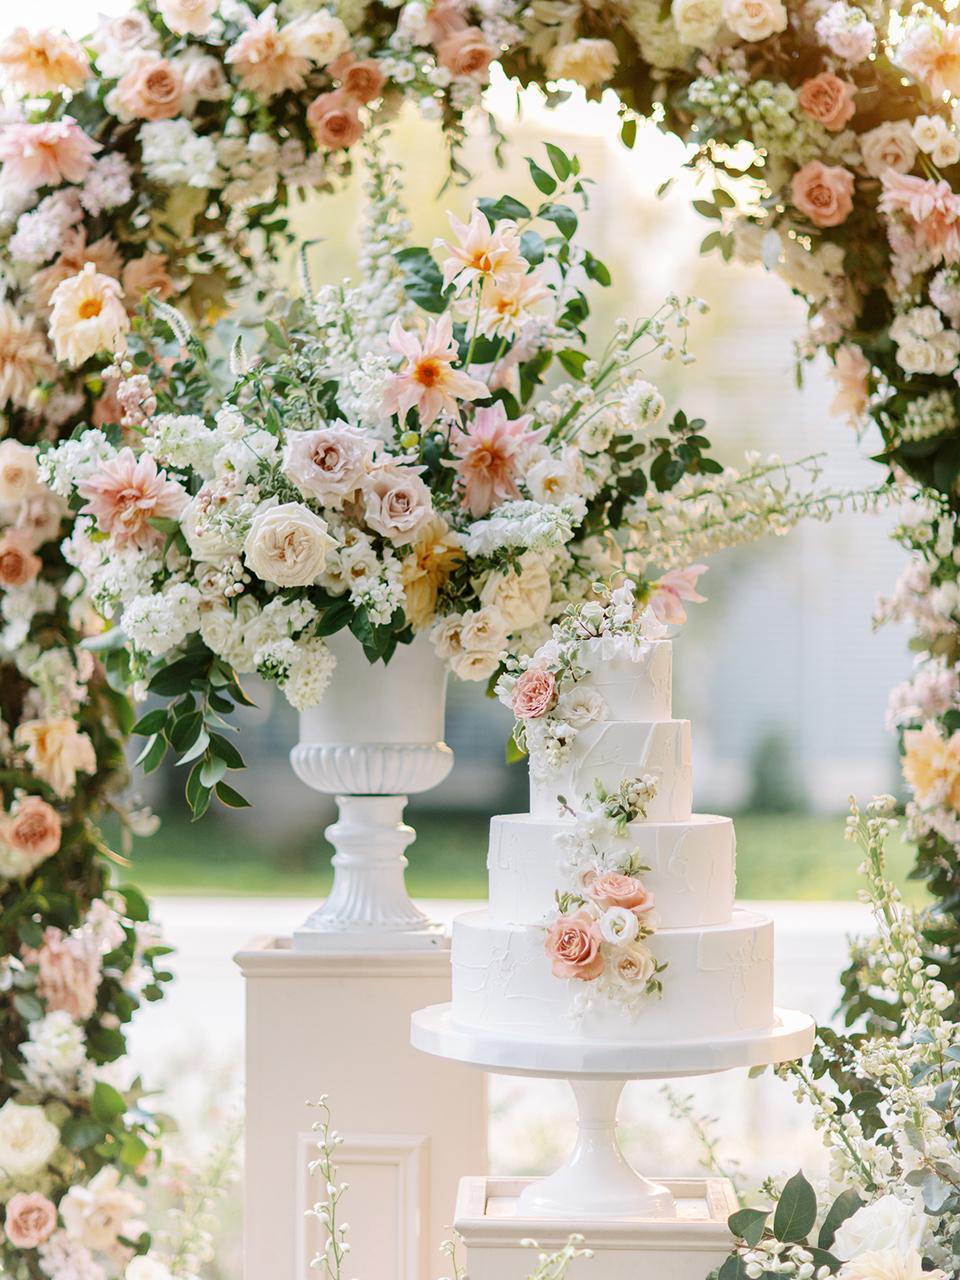 layered wedding cake floral display